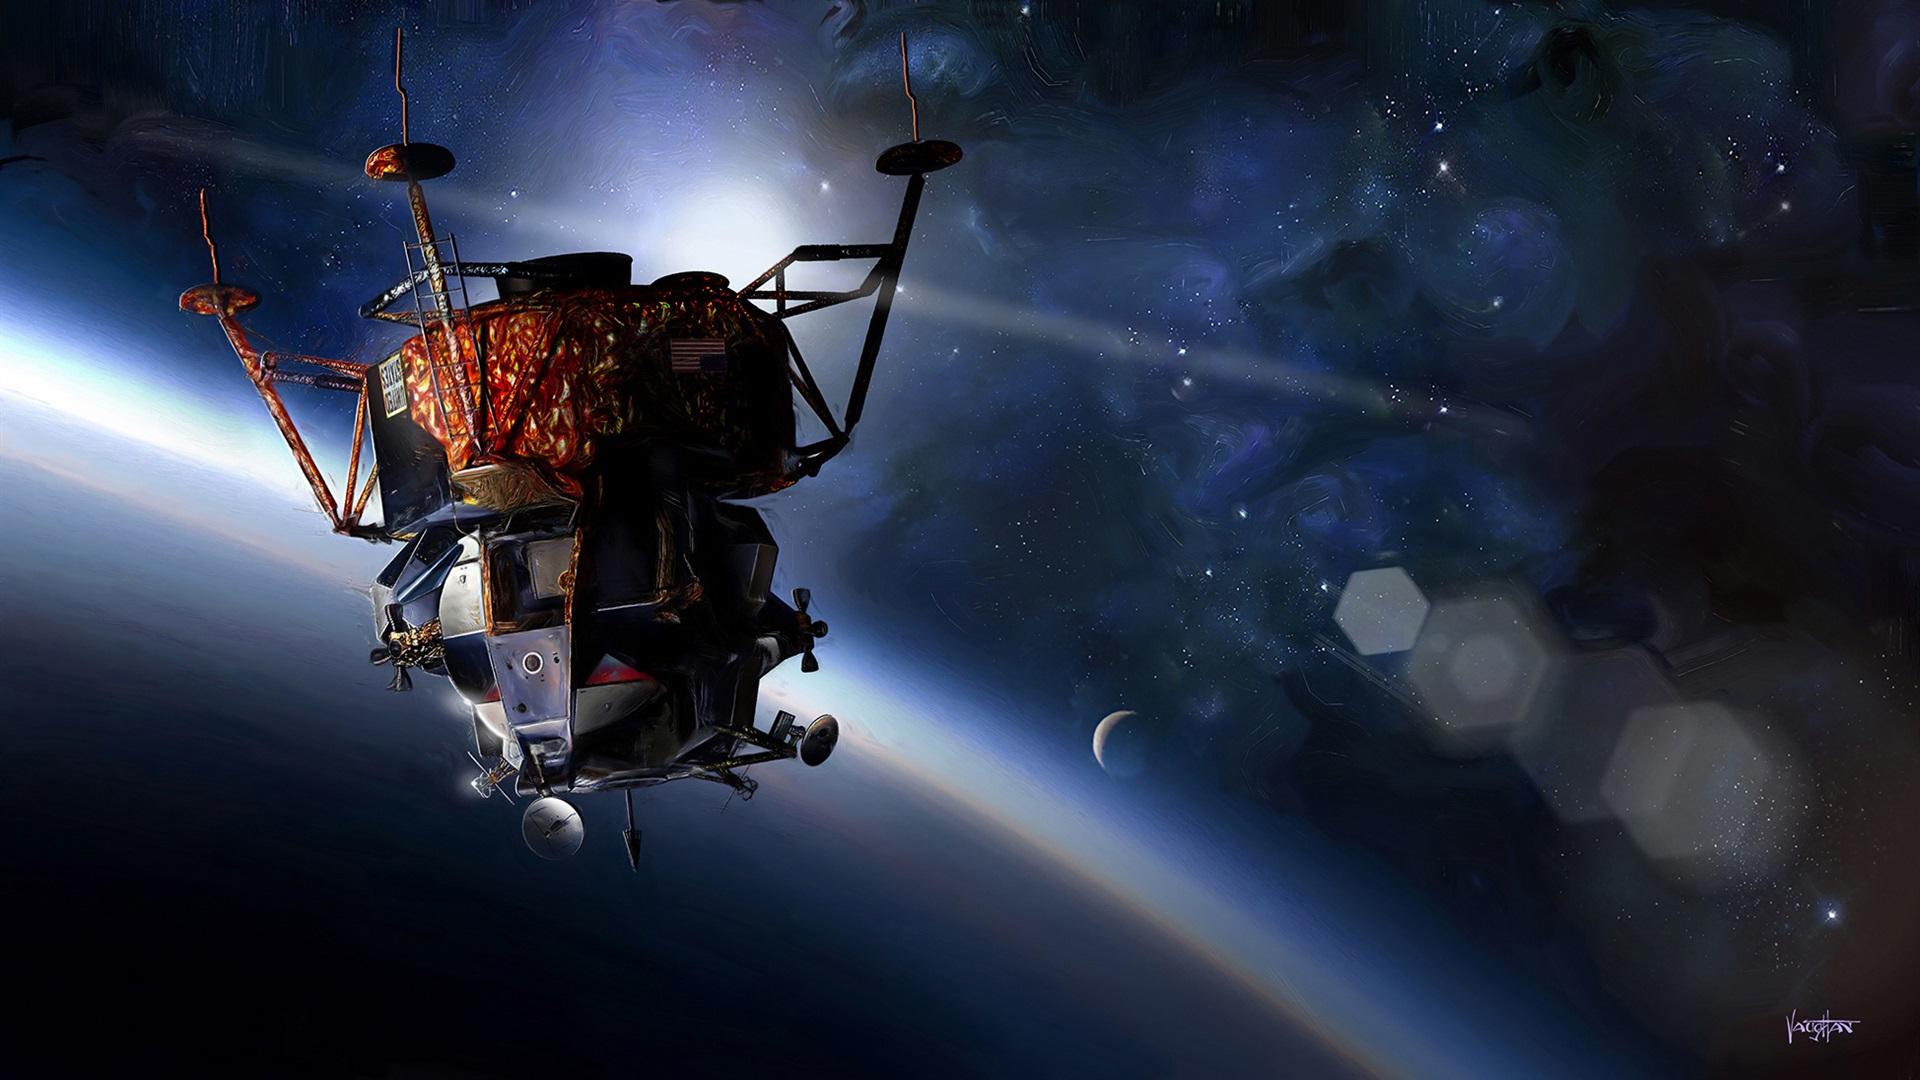 壁紙 アポロ 9宇宙船 宇宙 惑星 19x1080 Full Hd 2k 無料のデスクトップの背景 画像